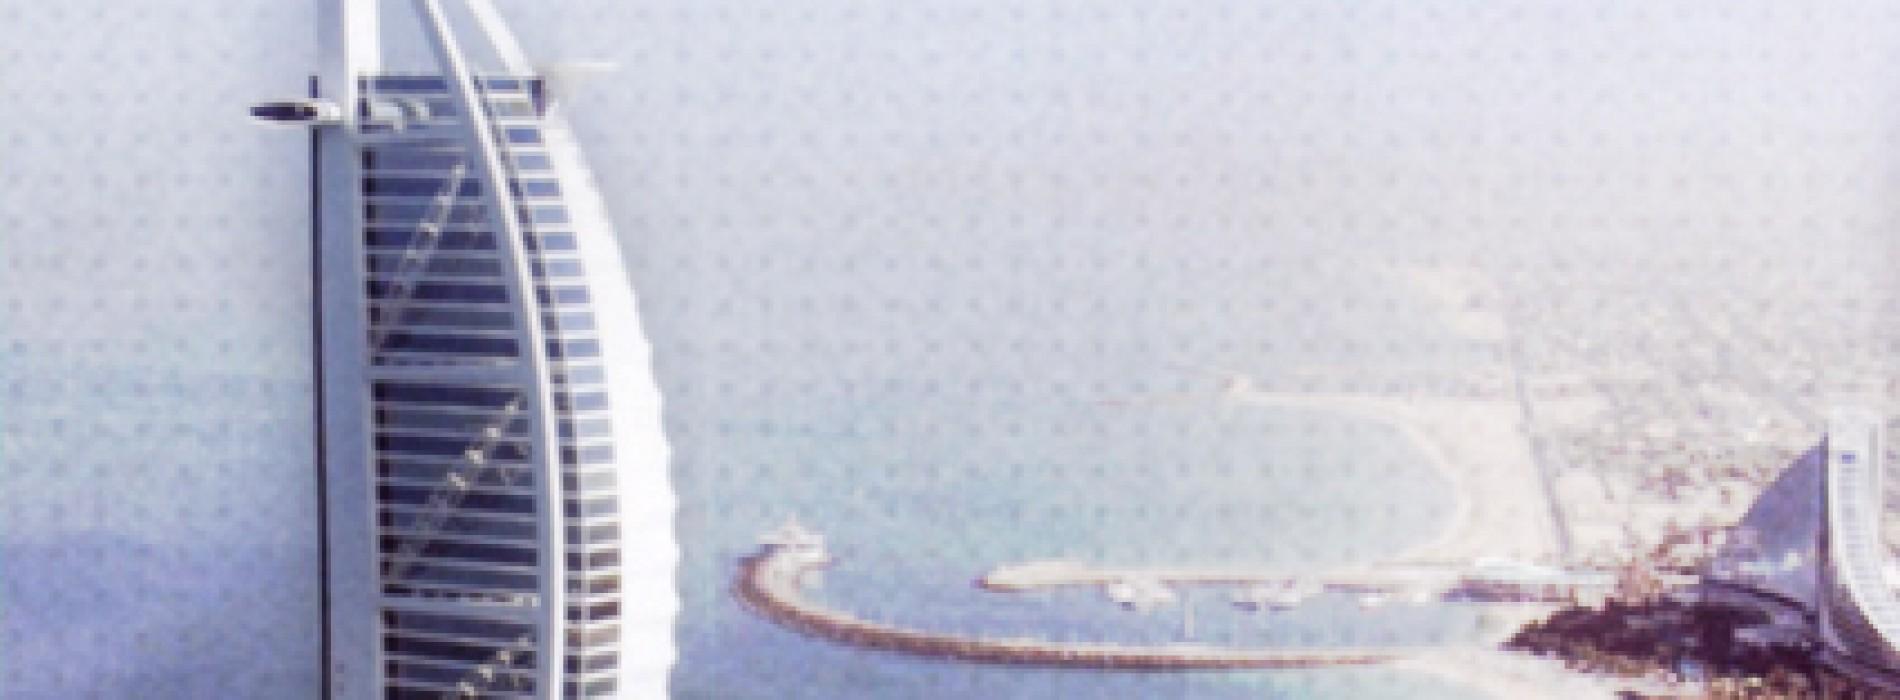 جزيرة جديدة في دبي من فنلندا